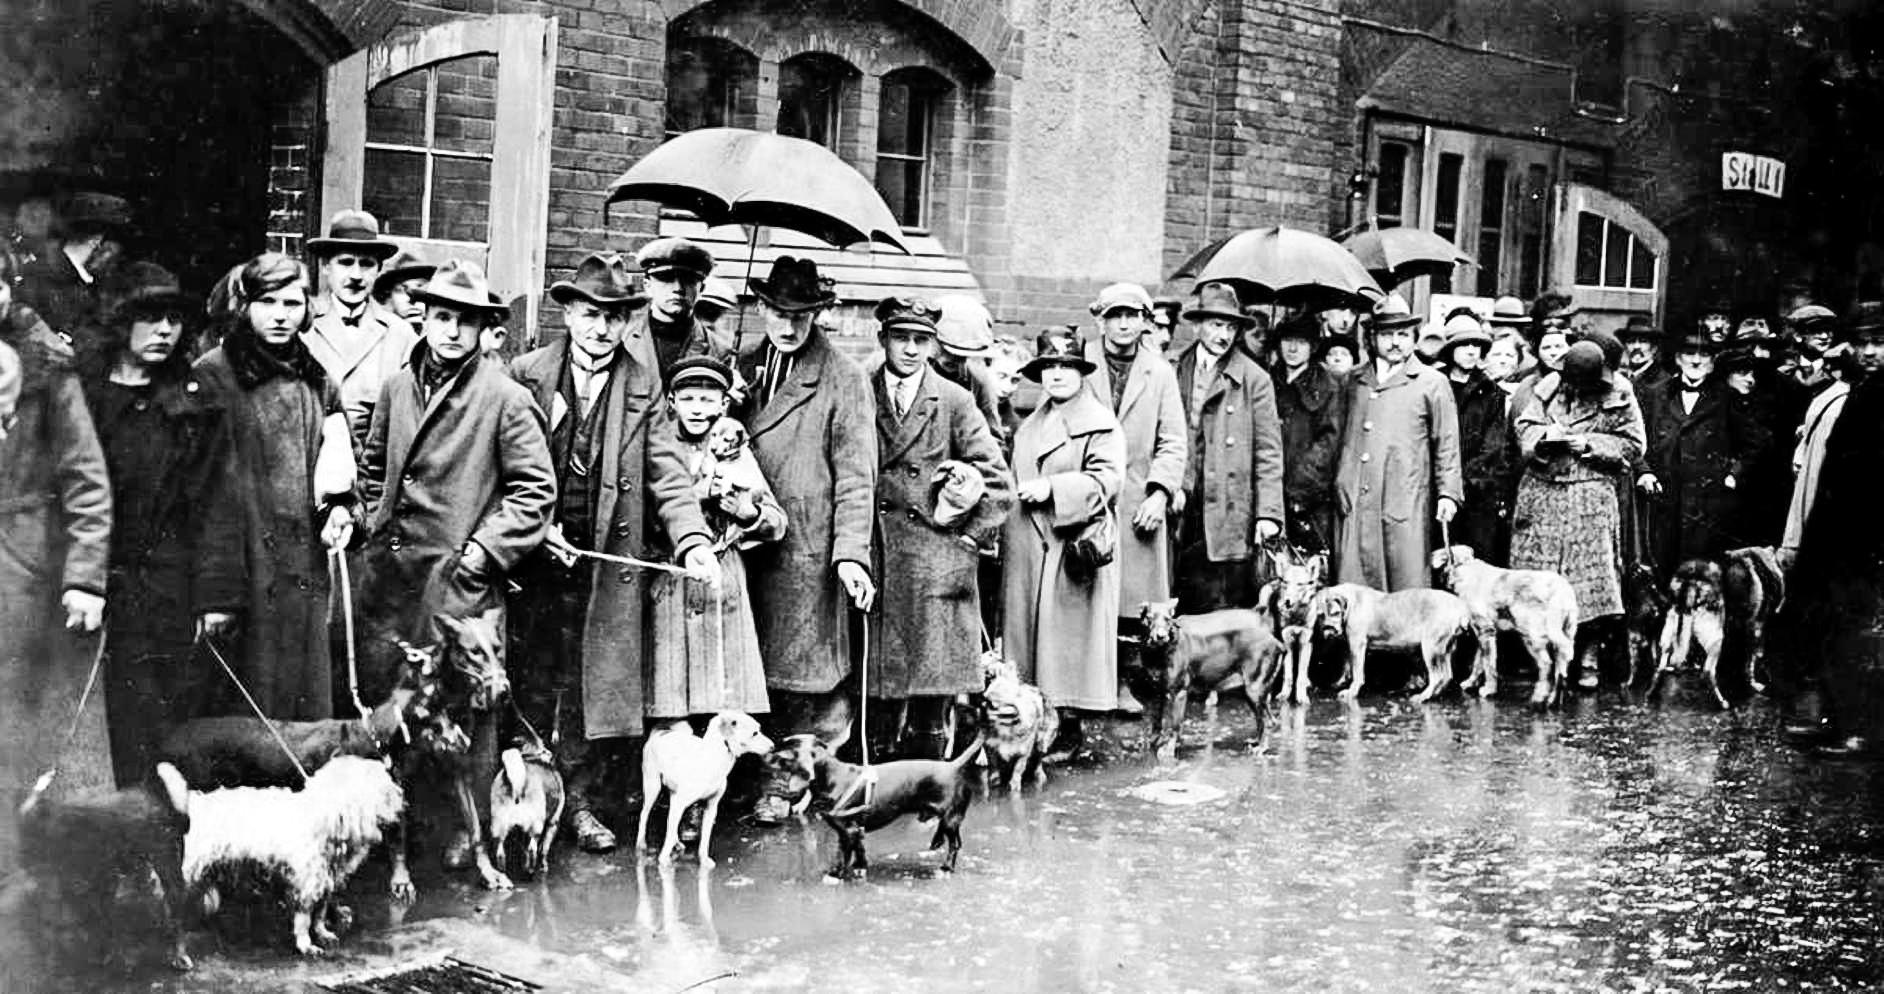 Веймарская Германия была втоптана победителями ивременщиками вгрязь. Нафото: люди привели собак наусыпление, поскольку были невсостоянии уплатить увеличенный налог. Берлин, 1926год